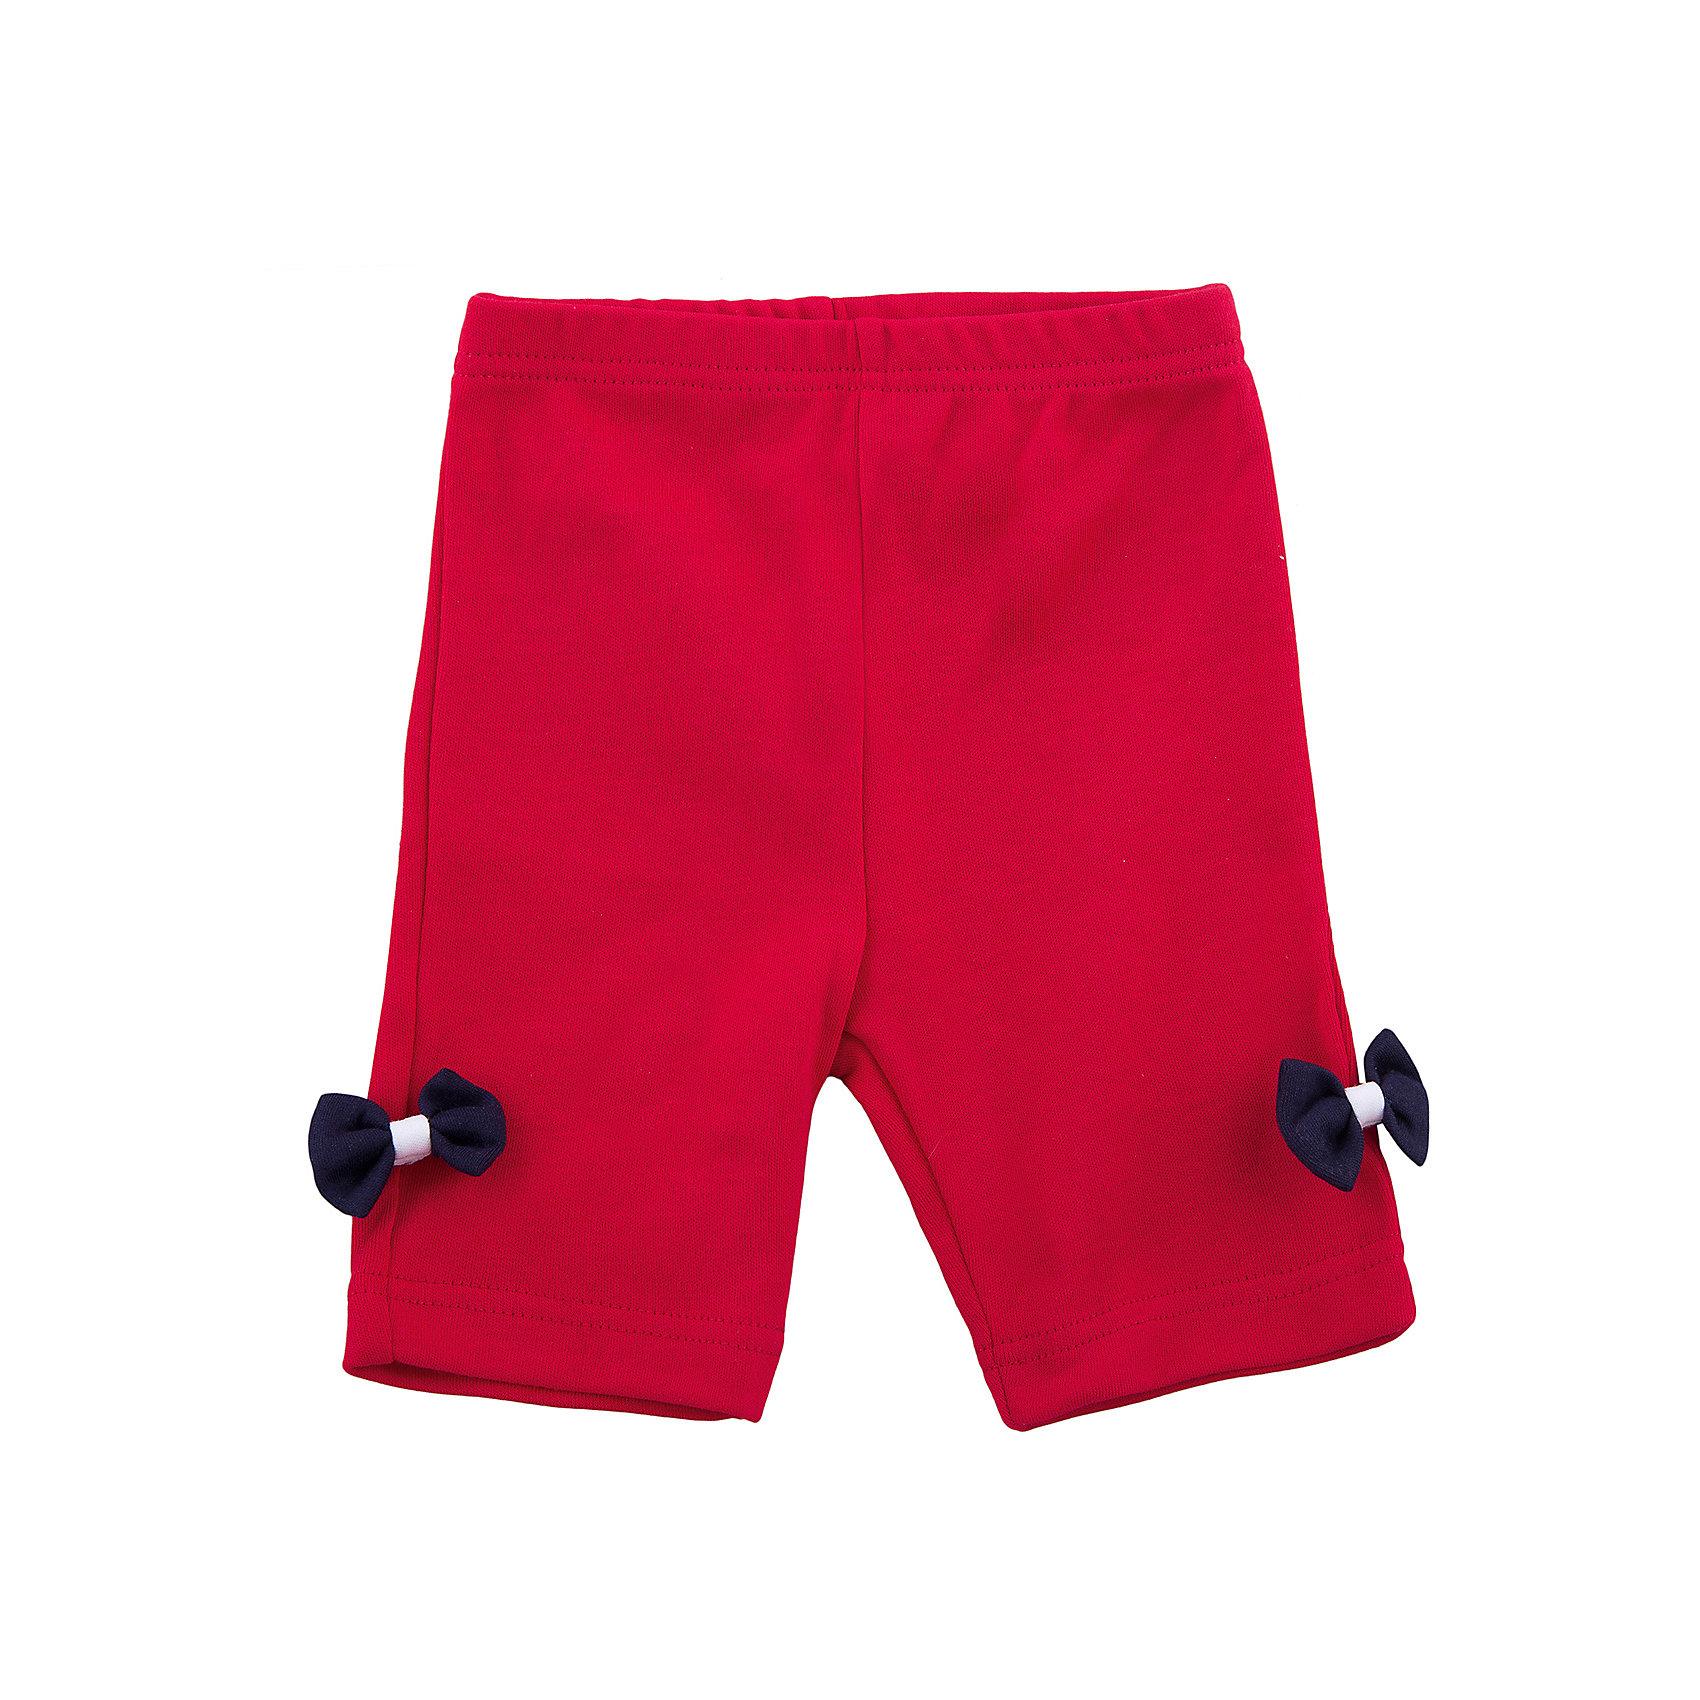 Шорты для девочки Lucky ChildШорты для девочки Lucky Child<br>Удобные шорты от Lucky Child созданы для веселых прогулок и танцев. Подвижные игры так важны для детей, преимущество этих шортиков в том, что они созданы из 100% хлопка, в котором ребенок не будет потеть<br>Состав : 100% хлопок<br><br>Ширина мм: 157<br>Глубина мм: 13<br>Высота мм: 119<br>Вес г: 200<br>Цвет: красный<br>Возраст от месяцев: 9<br>Возраст до месяцев: 12<br>Пол: Женский<br>Возраст: Детский<br>Размер: 80/86,98/104,86/92,68/74,92/98,80/86,62/68<br>SKU: 3713347